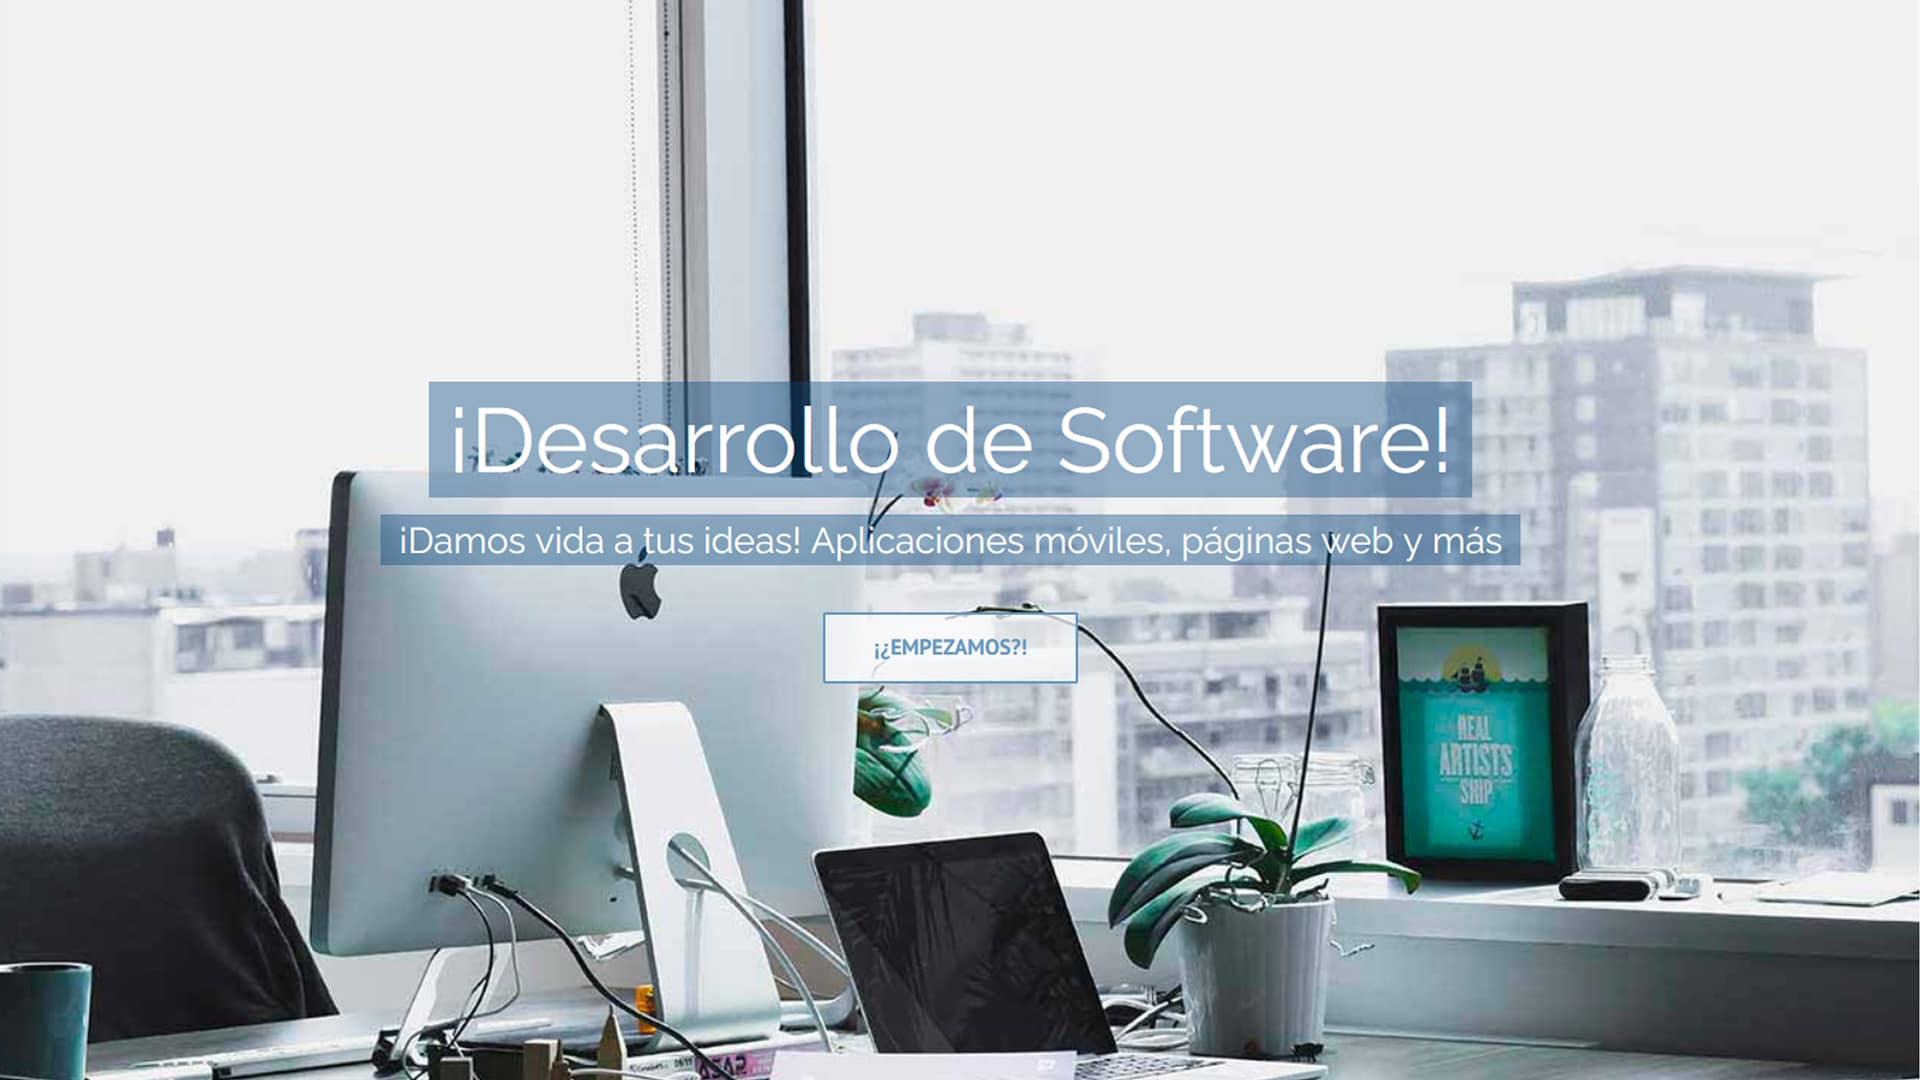 Desarrollo de software, aplicaciones móviles, páginas web y diseño gráfico.